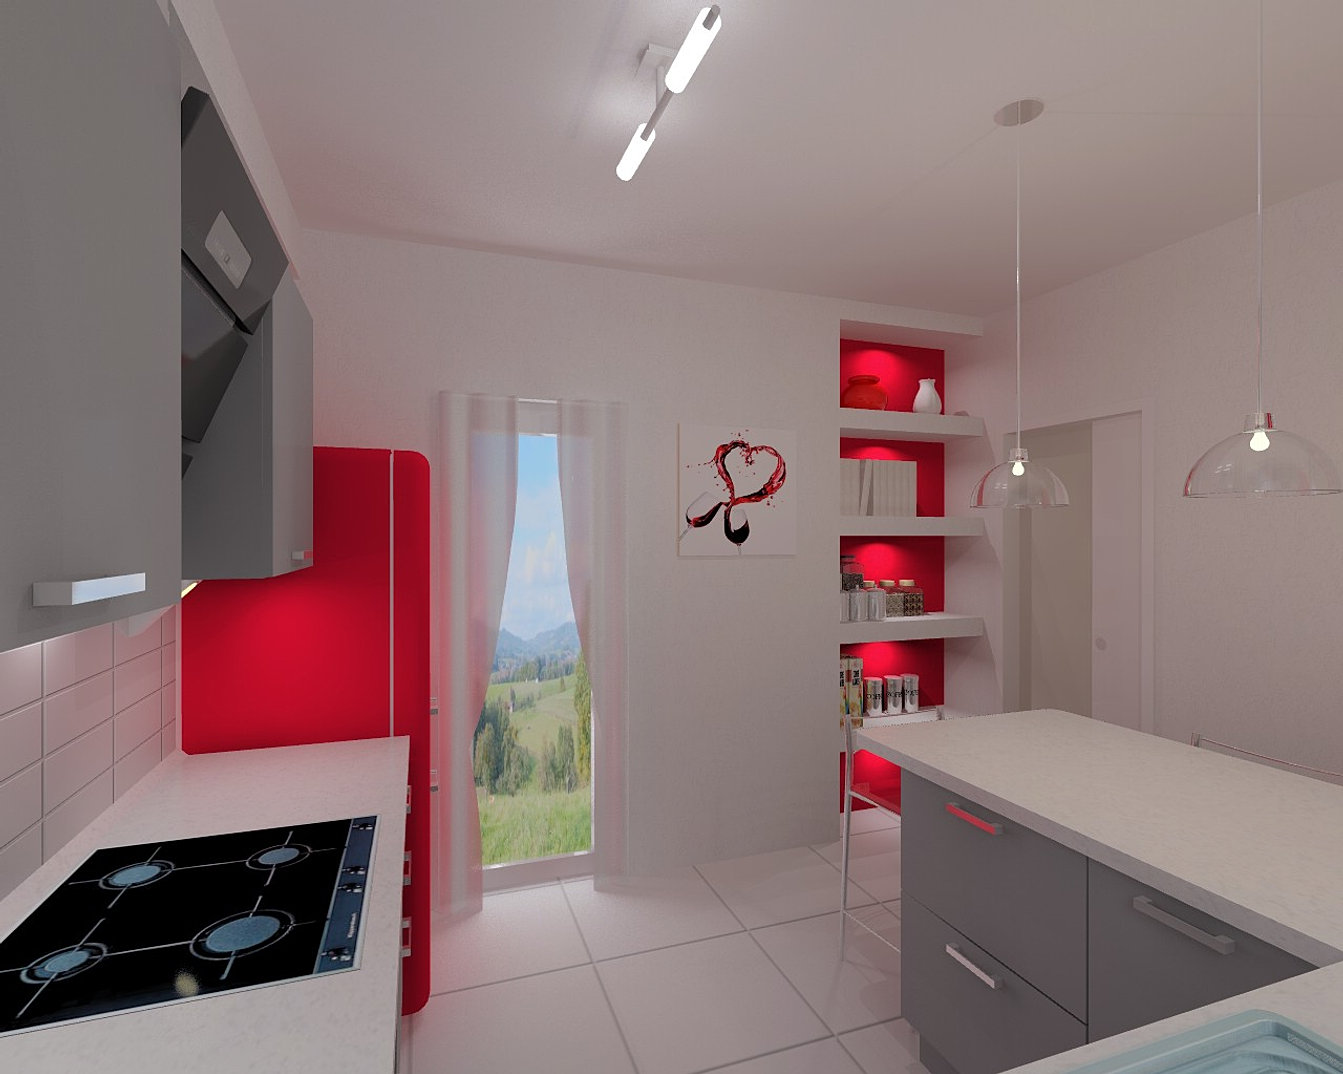 Progettazione d 39 interni progettazione interni online for Progettazione interni software